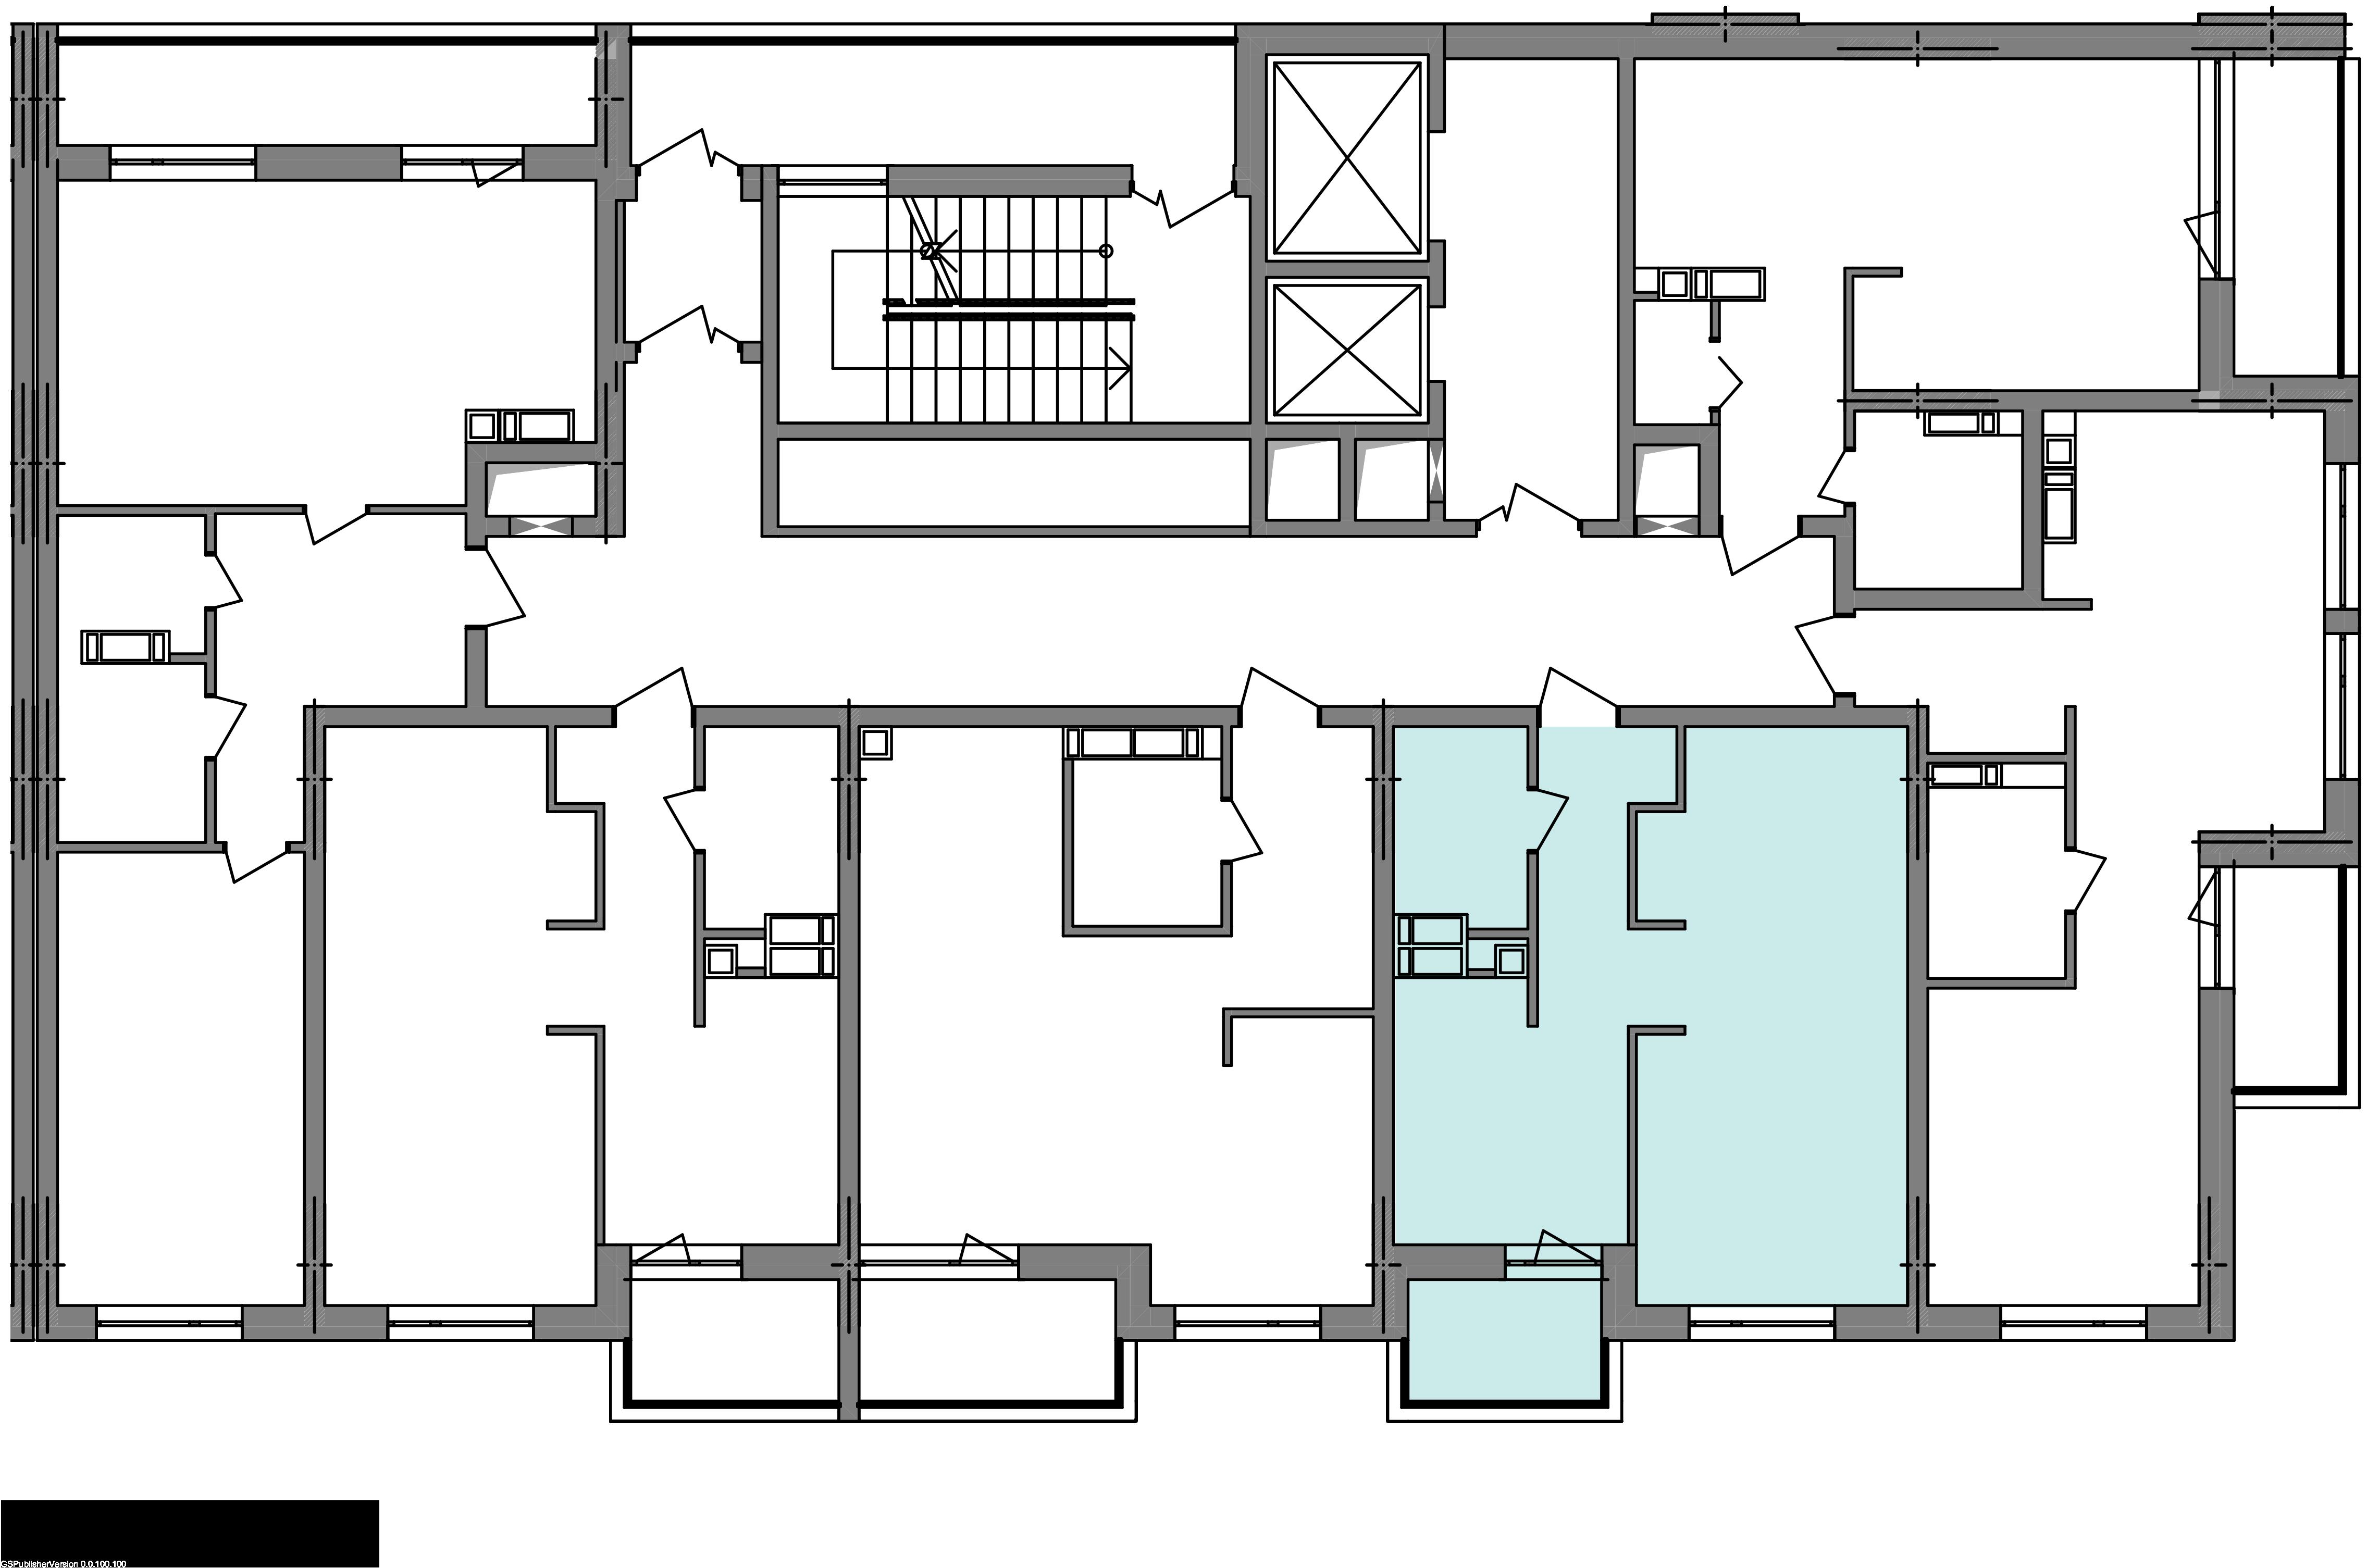 Однокомнатная квартира 40,85 кв.м., тип 1.3, дом 3 секция 3 расположение на этаже